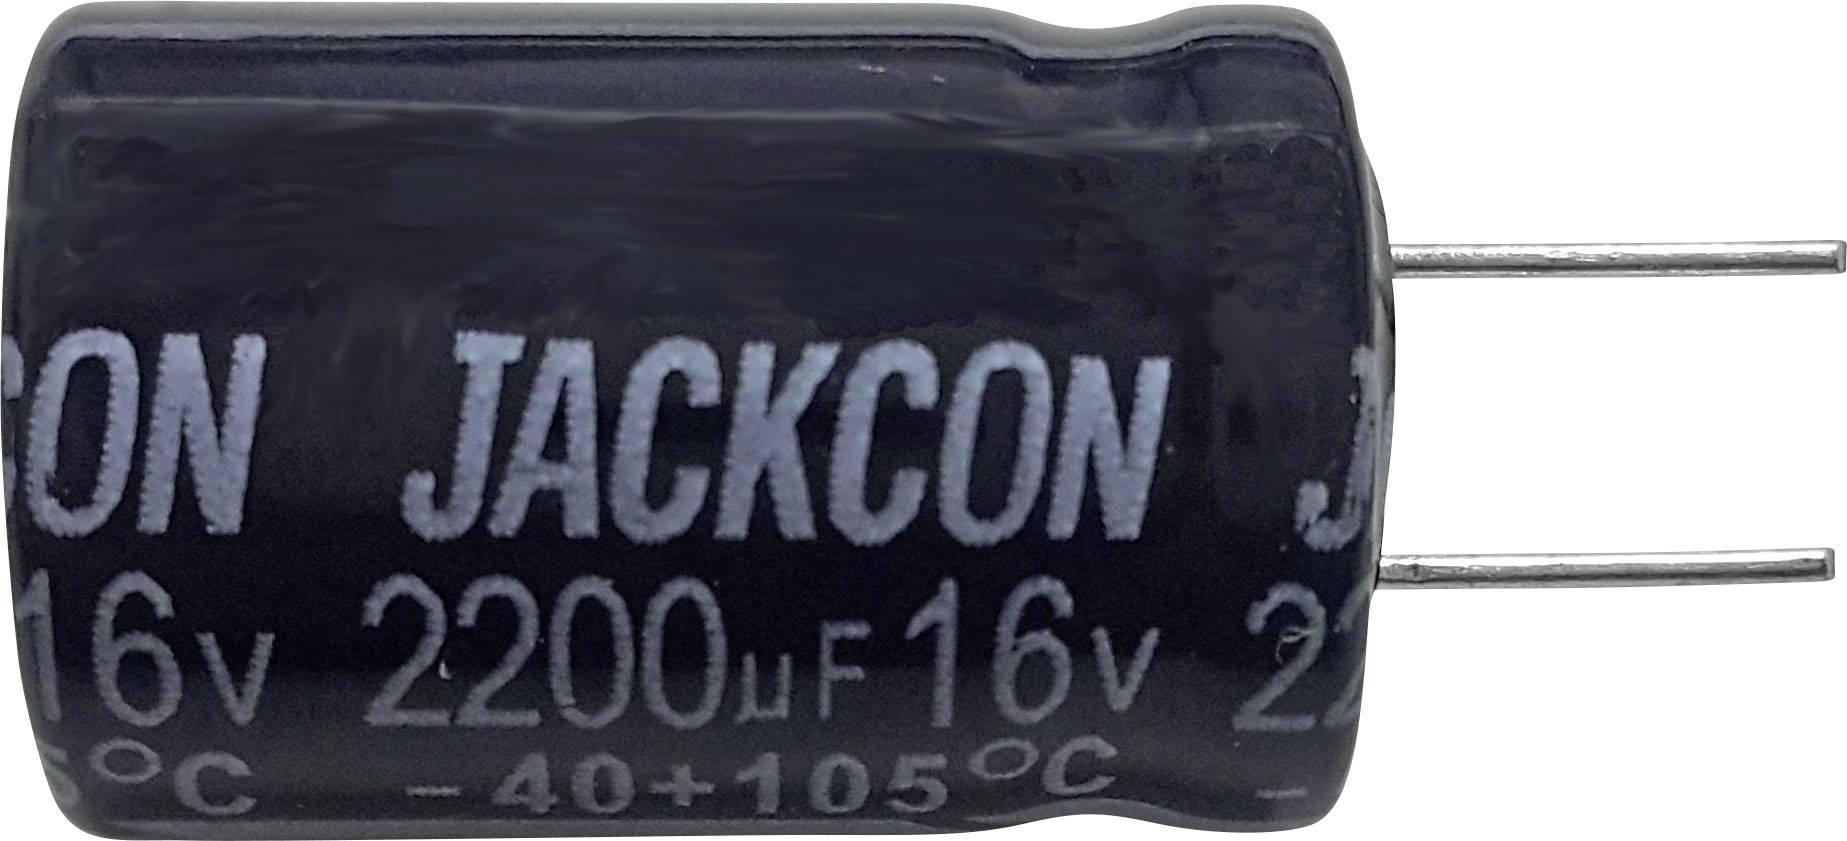 Subminiatúrny elektrolytický kondenzátor radiálne vývody, 470 µF, 35 V, 20 %, 1 ks